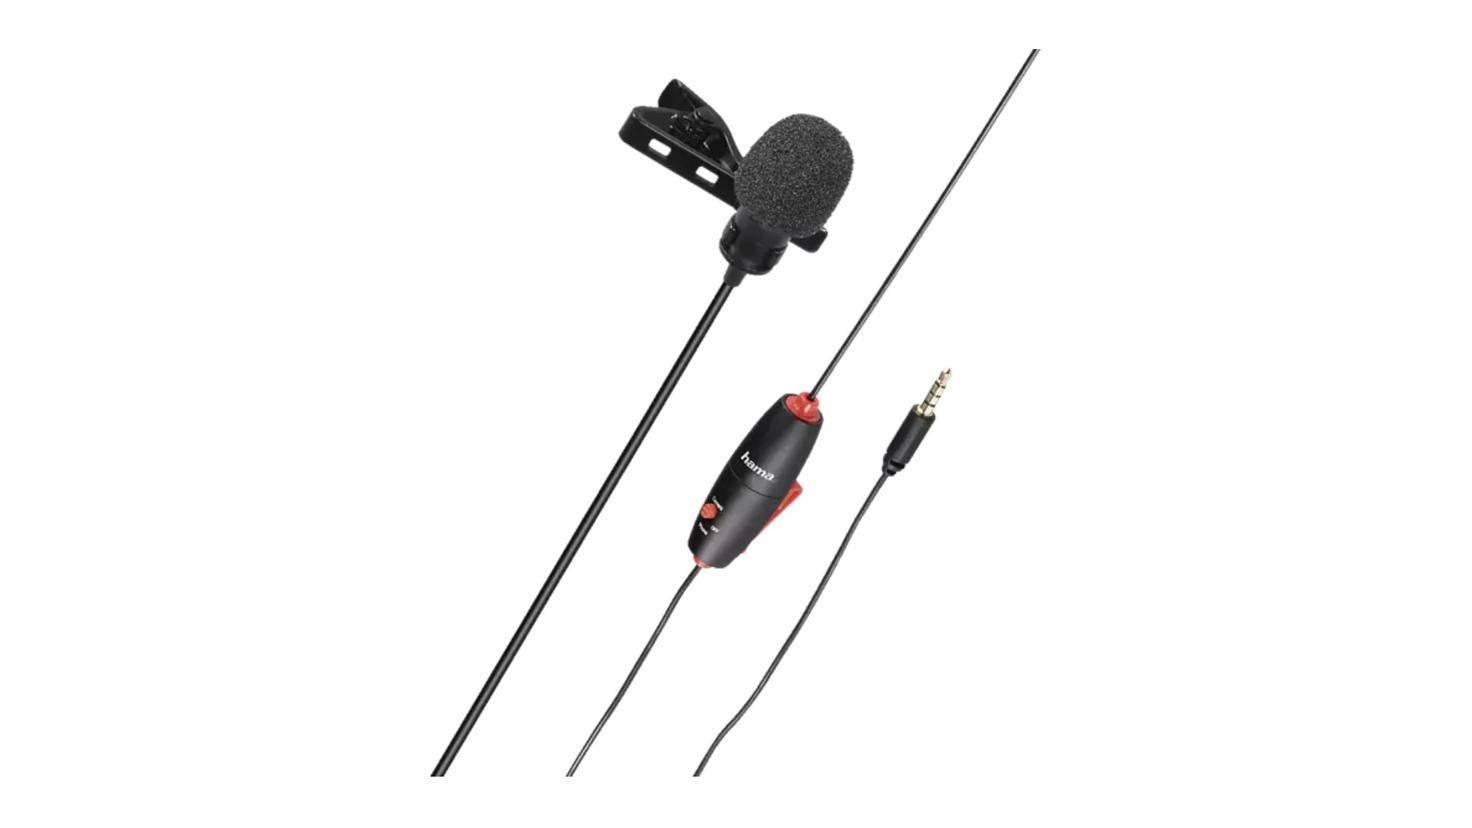 hama-smart-lavalier-mikrofon-ansteckmikrofon